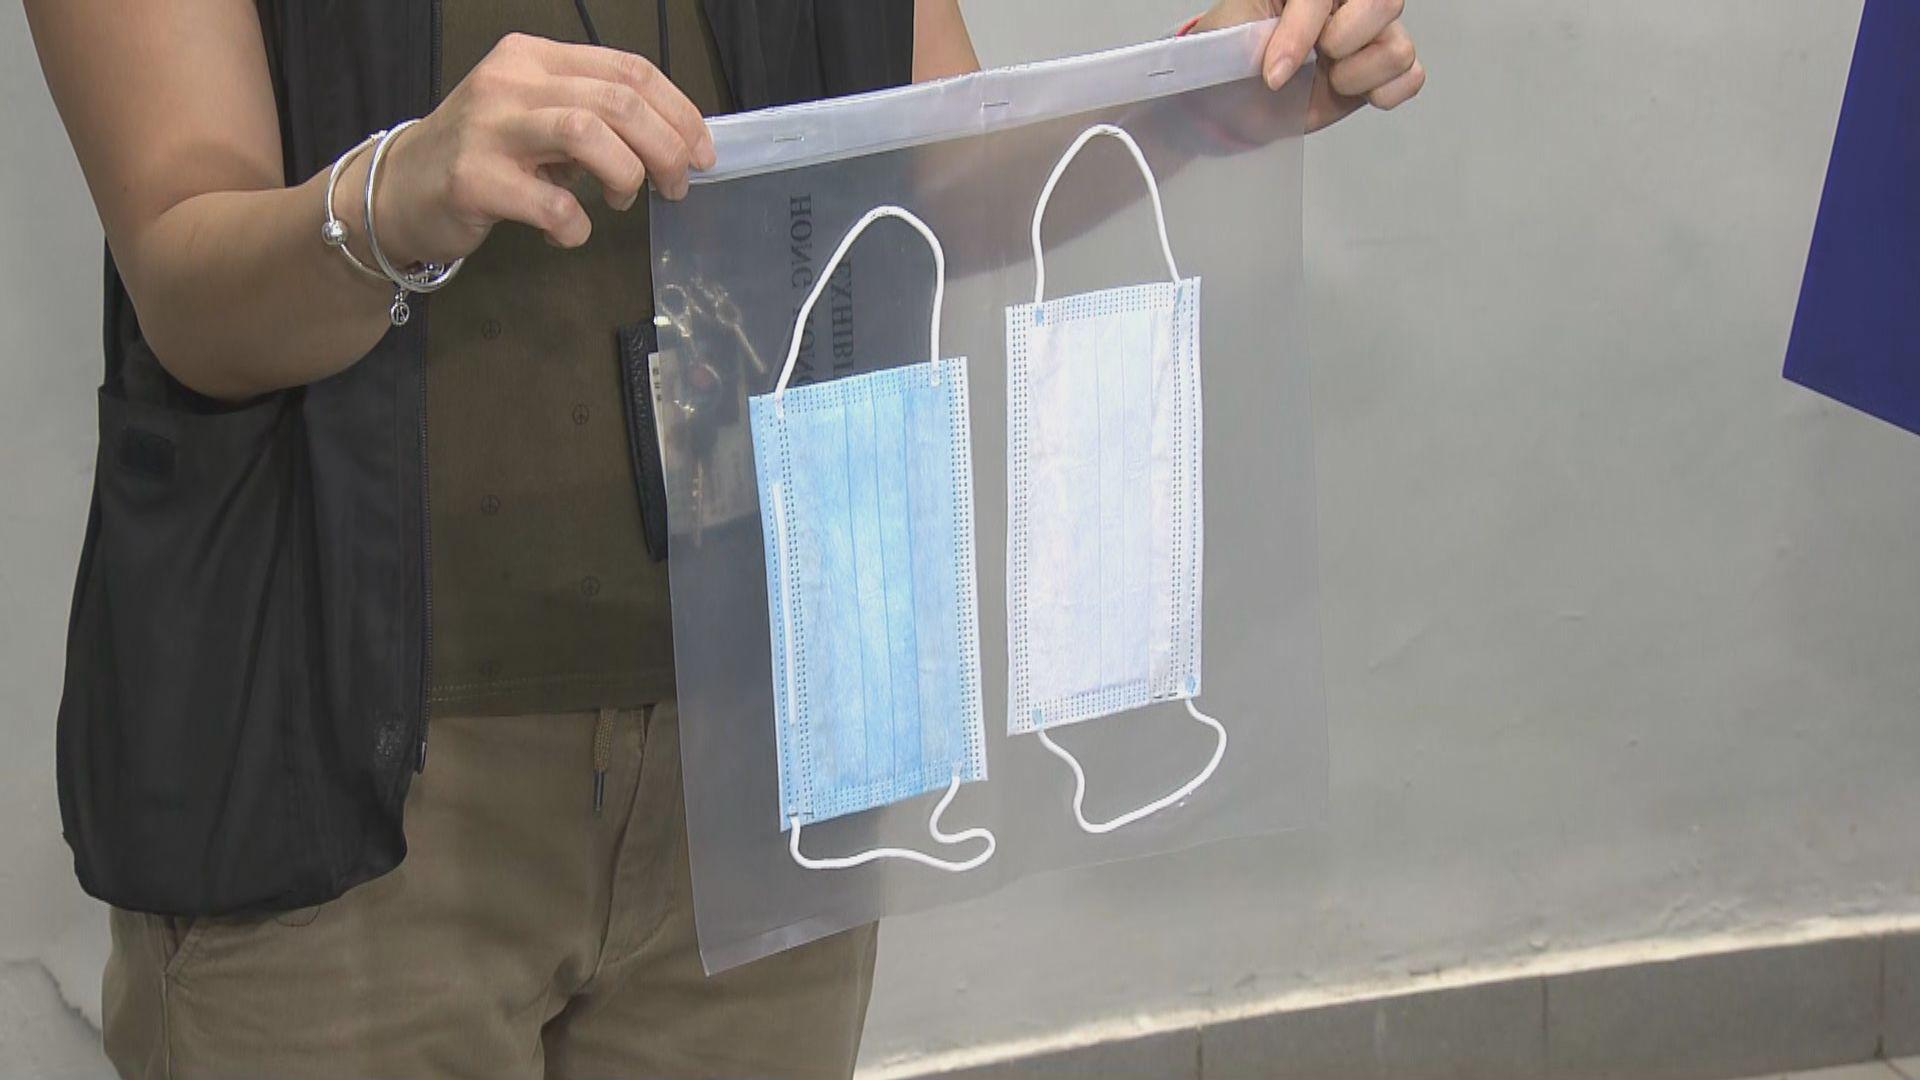 警拘三男涉偷運懲教署派發口罩 消息指其中一人為元朗區議員方浩軒